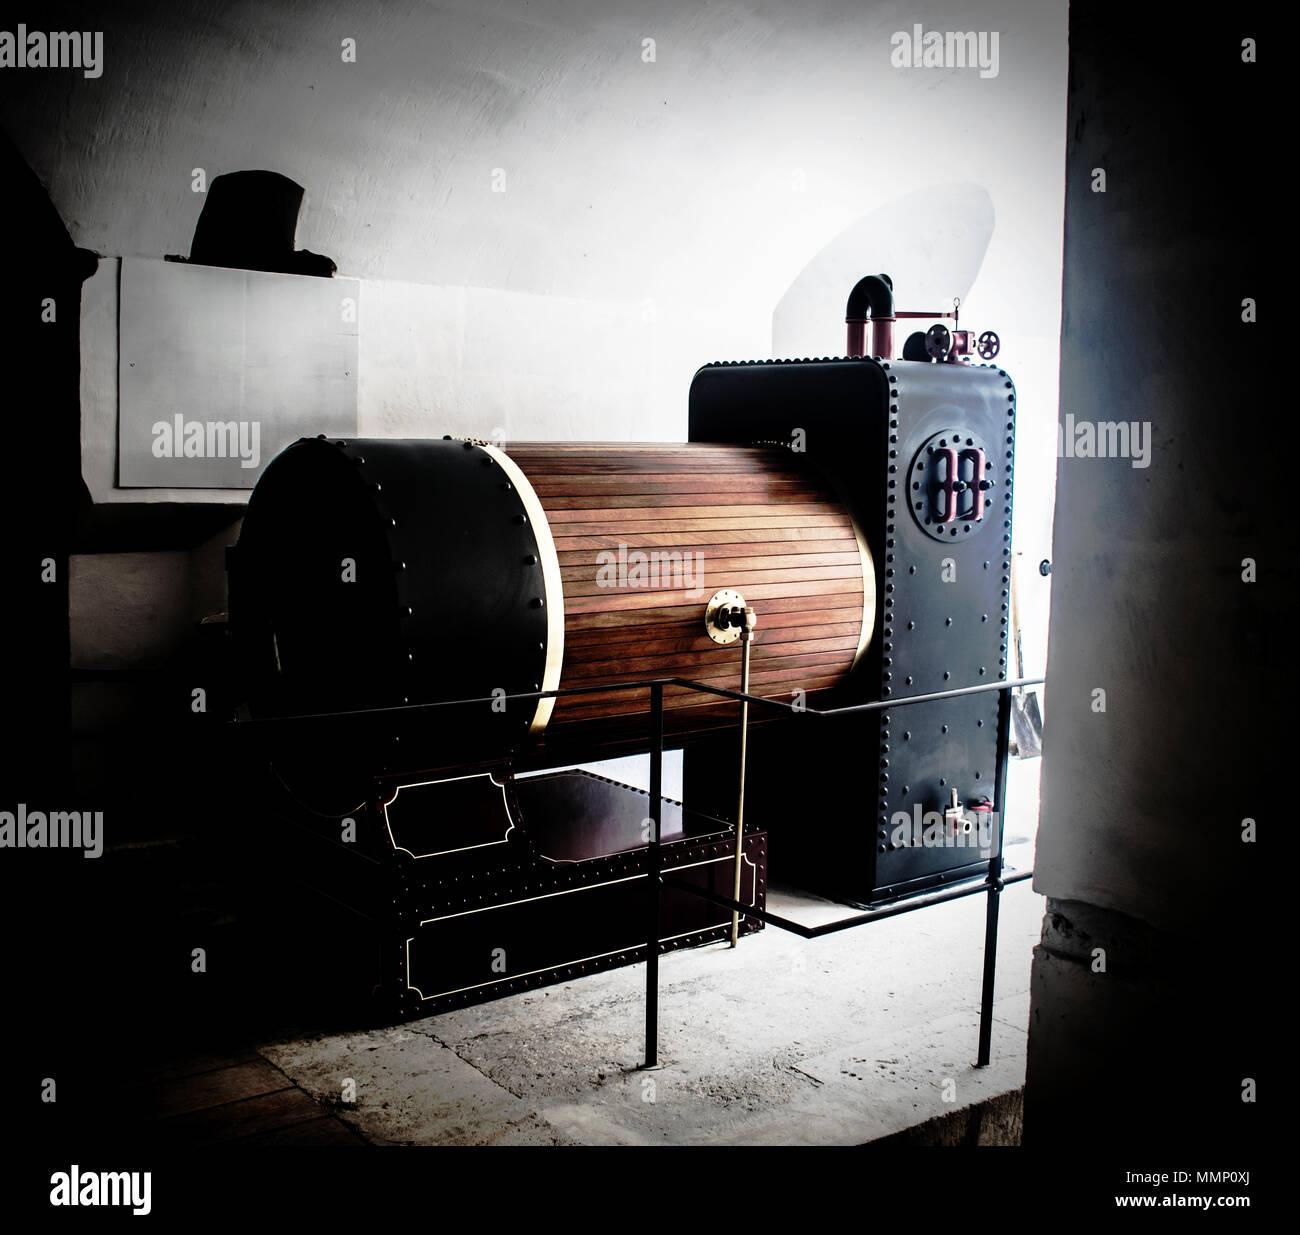 Old Boiler Energy Stockfotos & Old Boiler Energy Bilder - Alamy